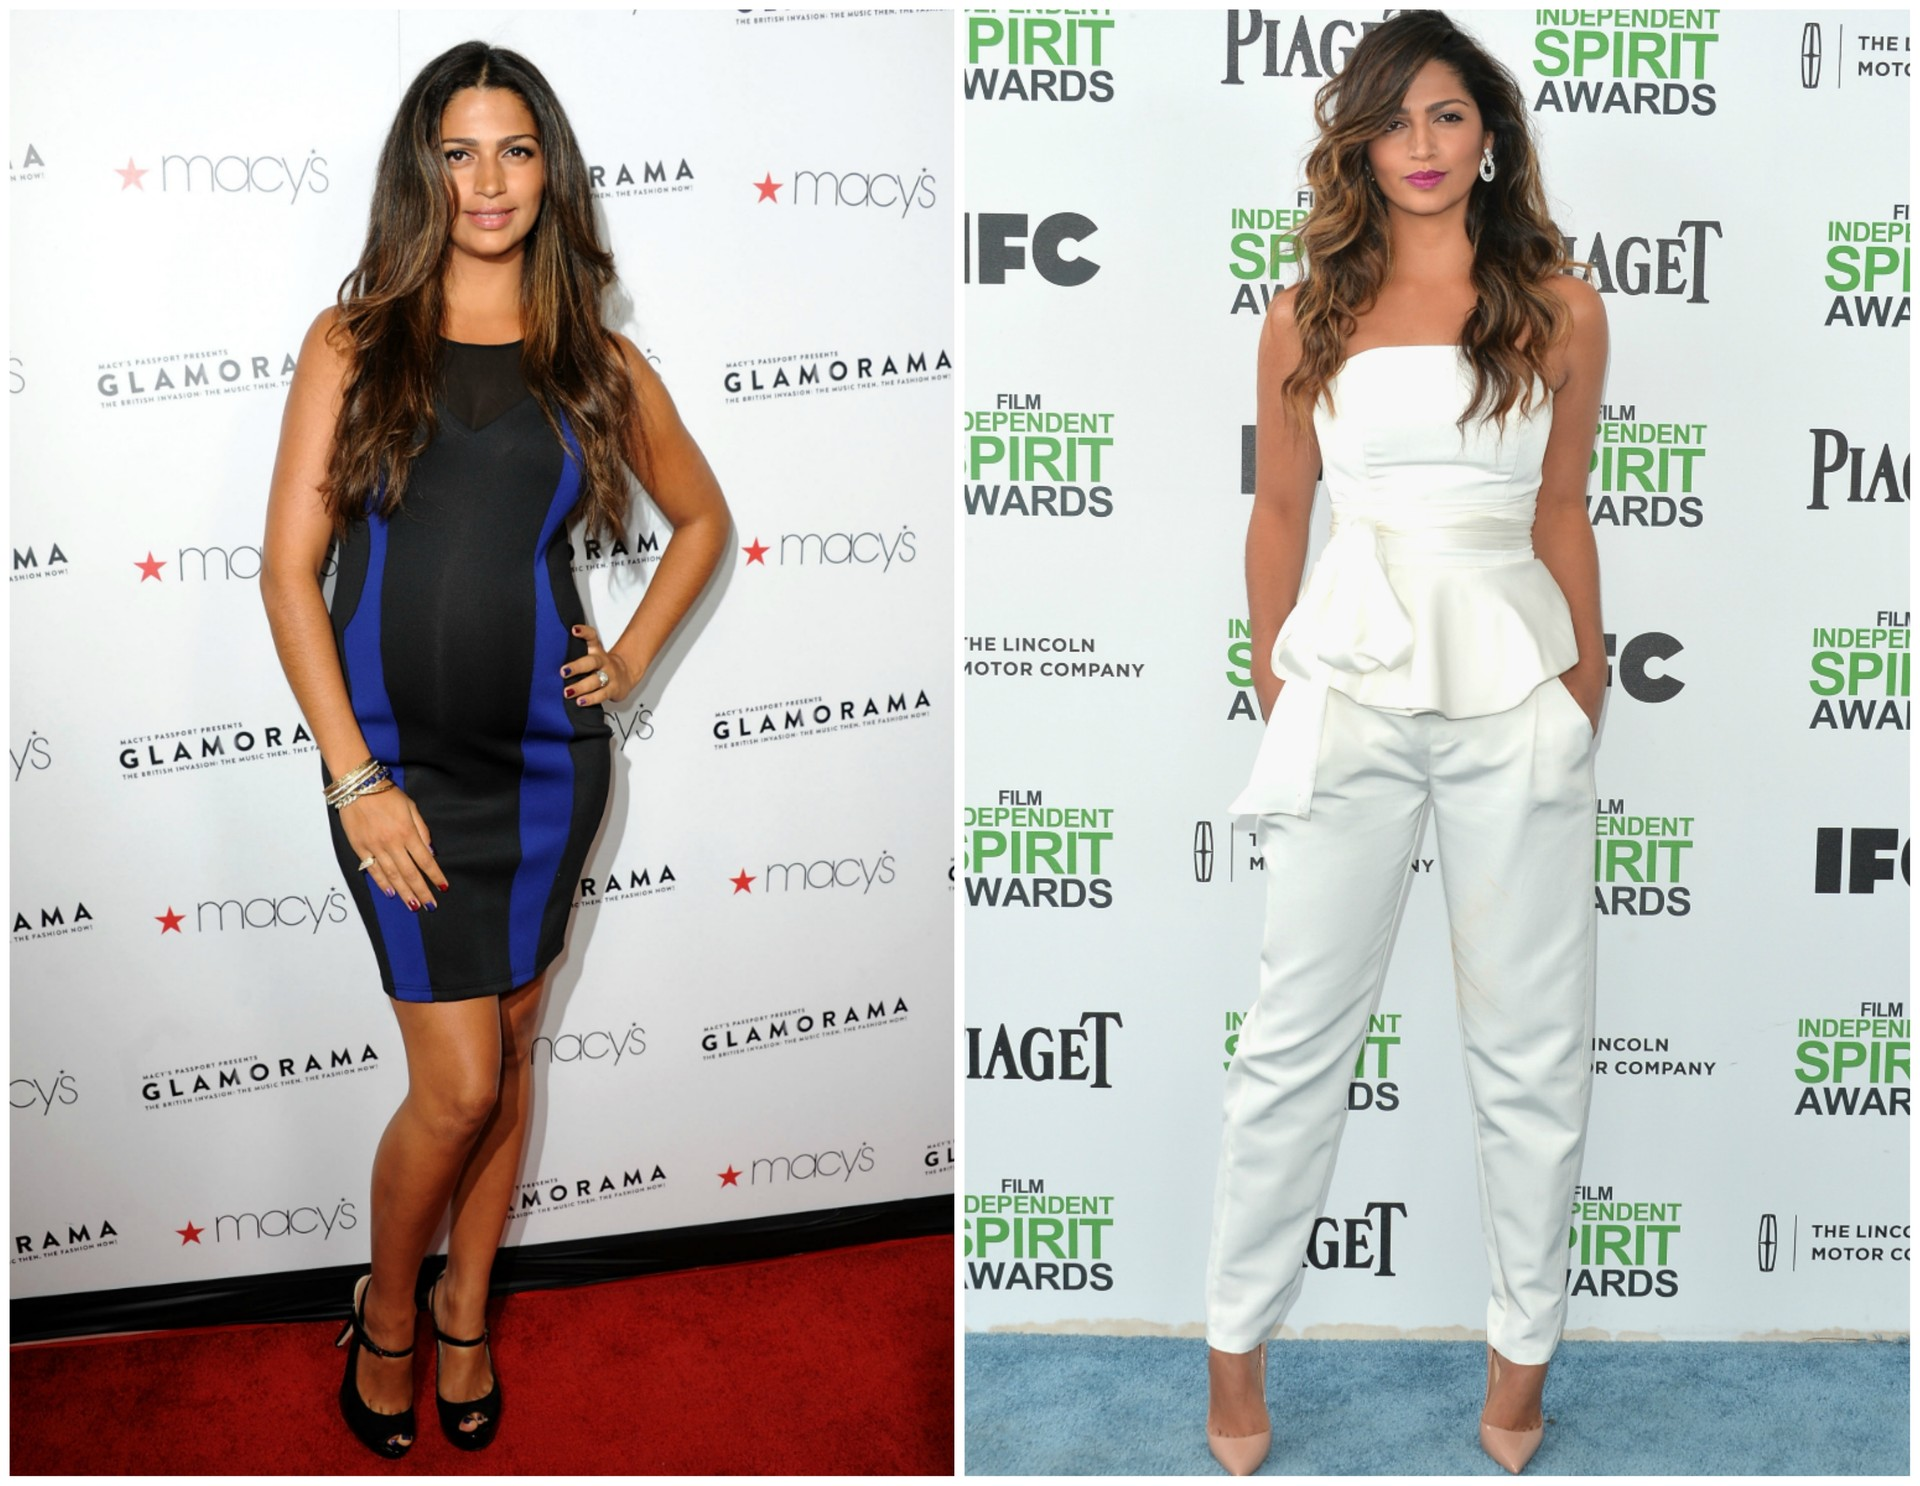 Camila Alves em setembro de 2012 (à esq.) e em março de 2014. Ela deu à luz o terceiro filho, Livingston, em 28 de dezembro de 2012. (Foto: Getty Images)